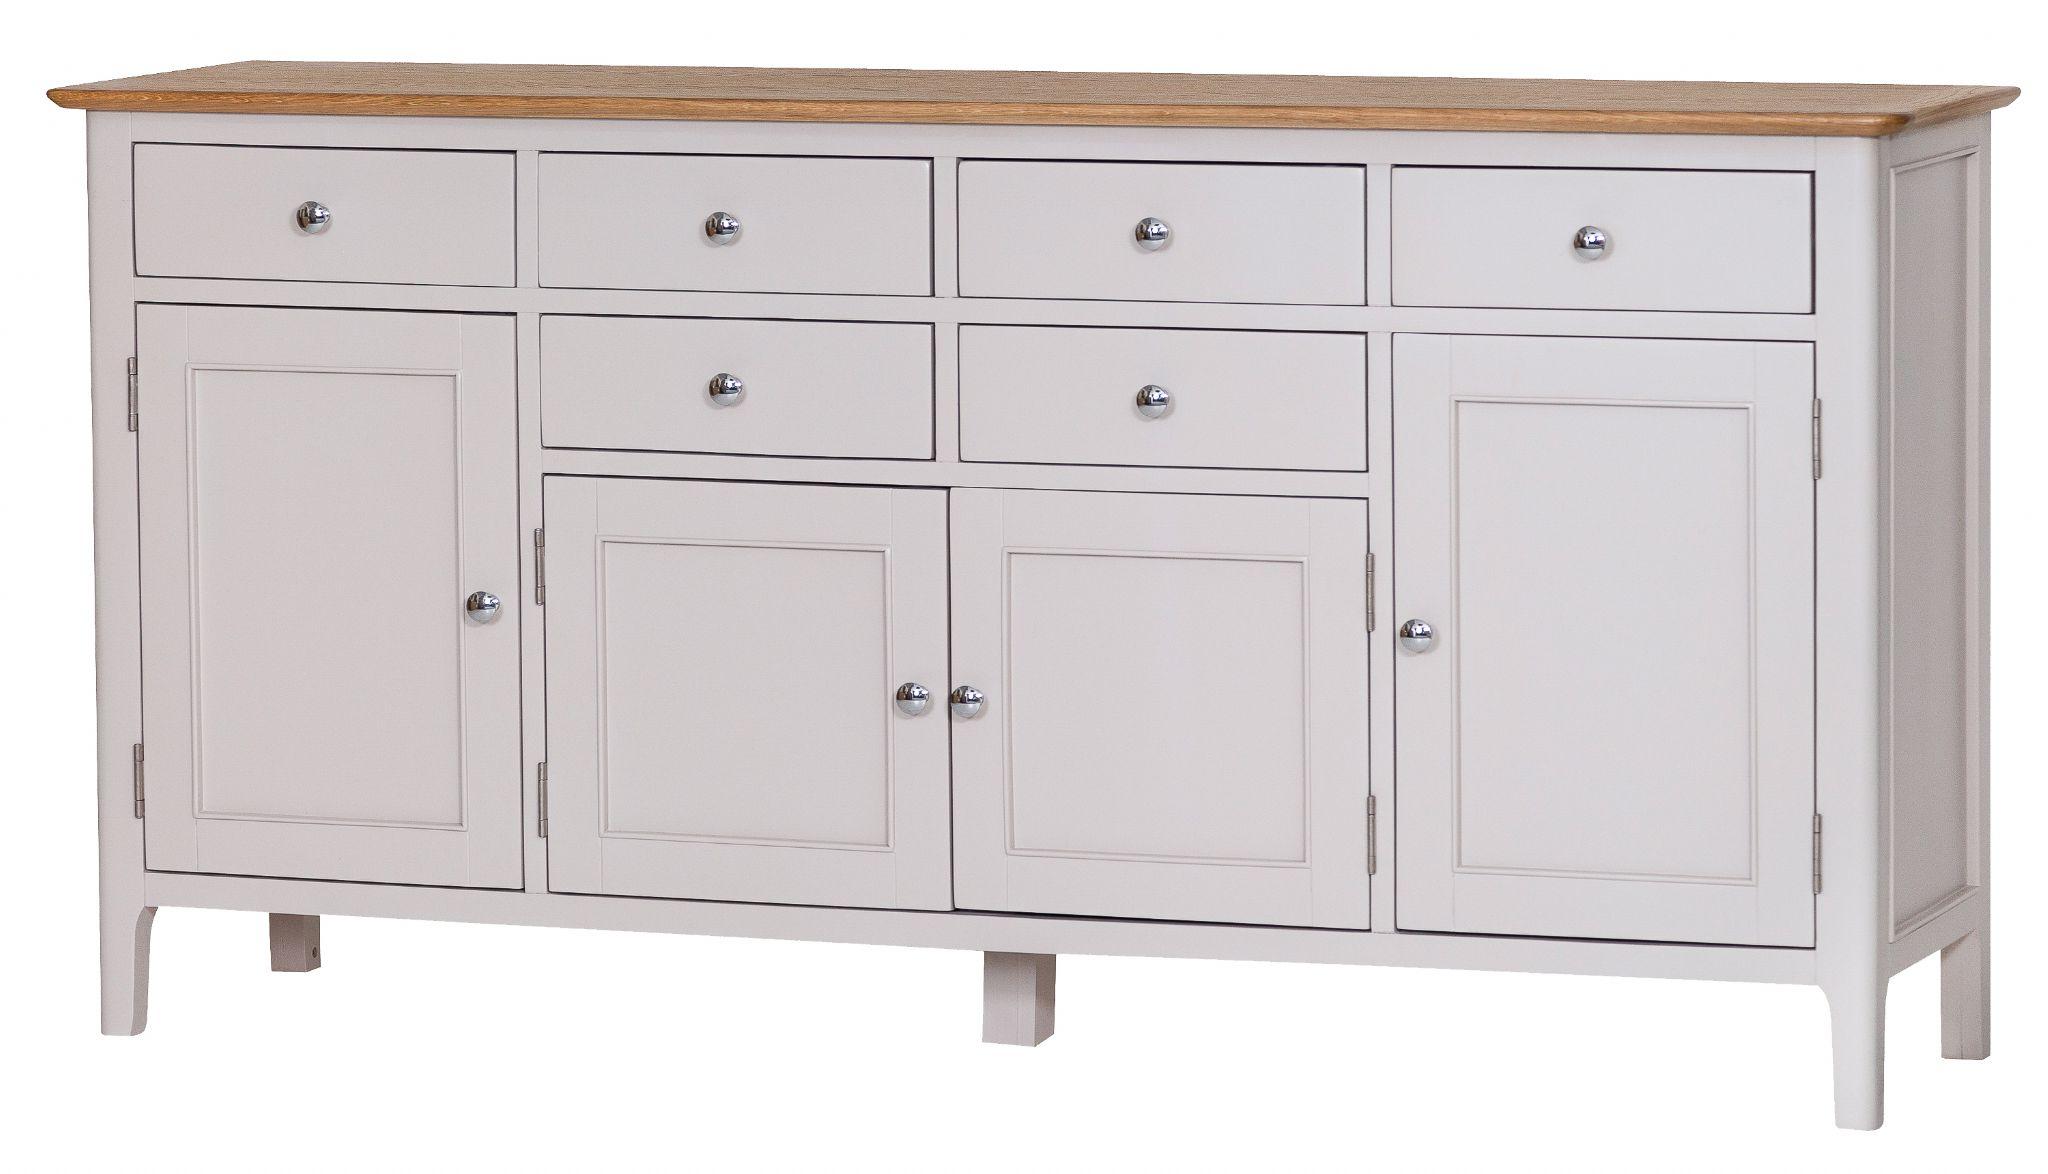 4 Door Wood Squares Sideboards Within Latest Newhaven Oak 4 Door Sideboard (View 5 of 20)